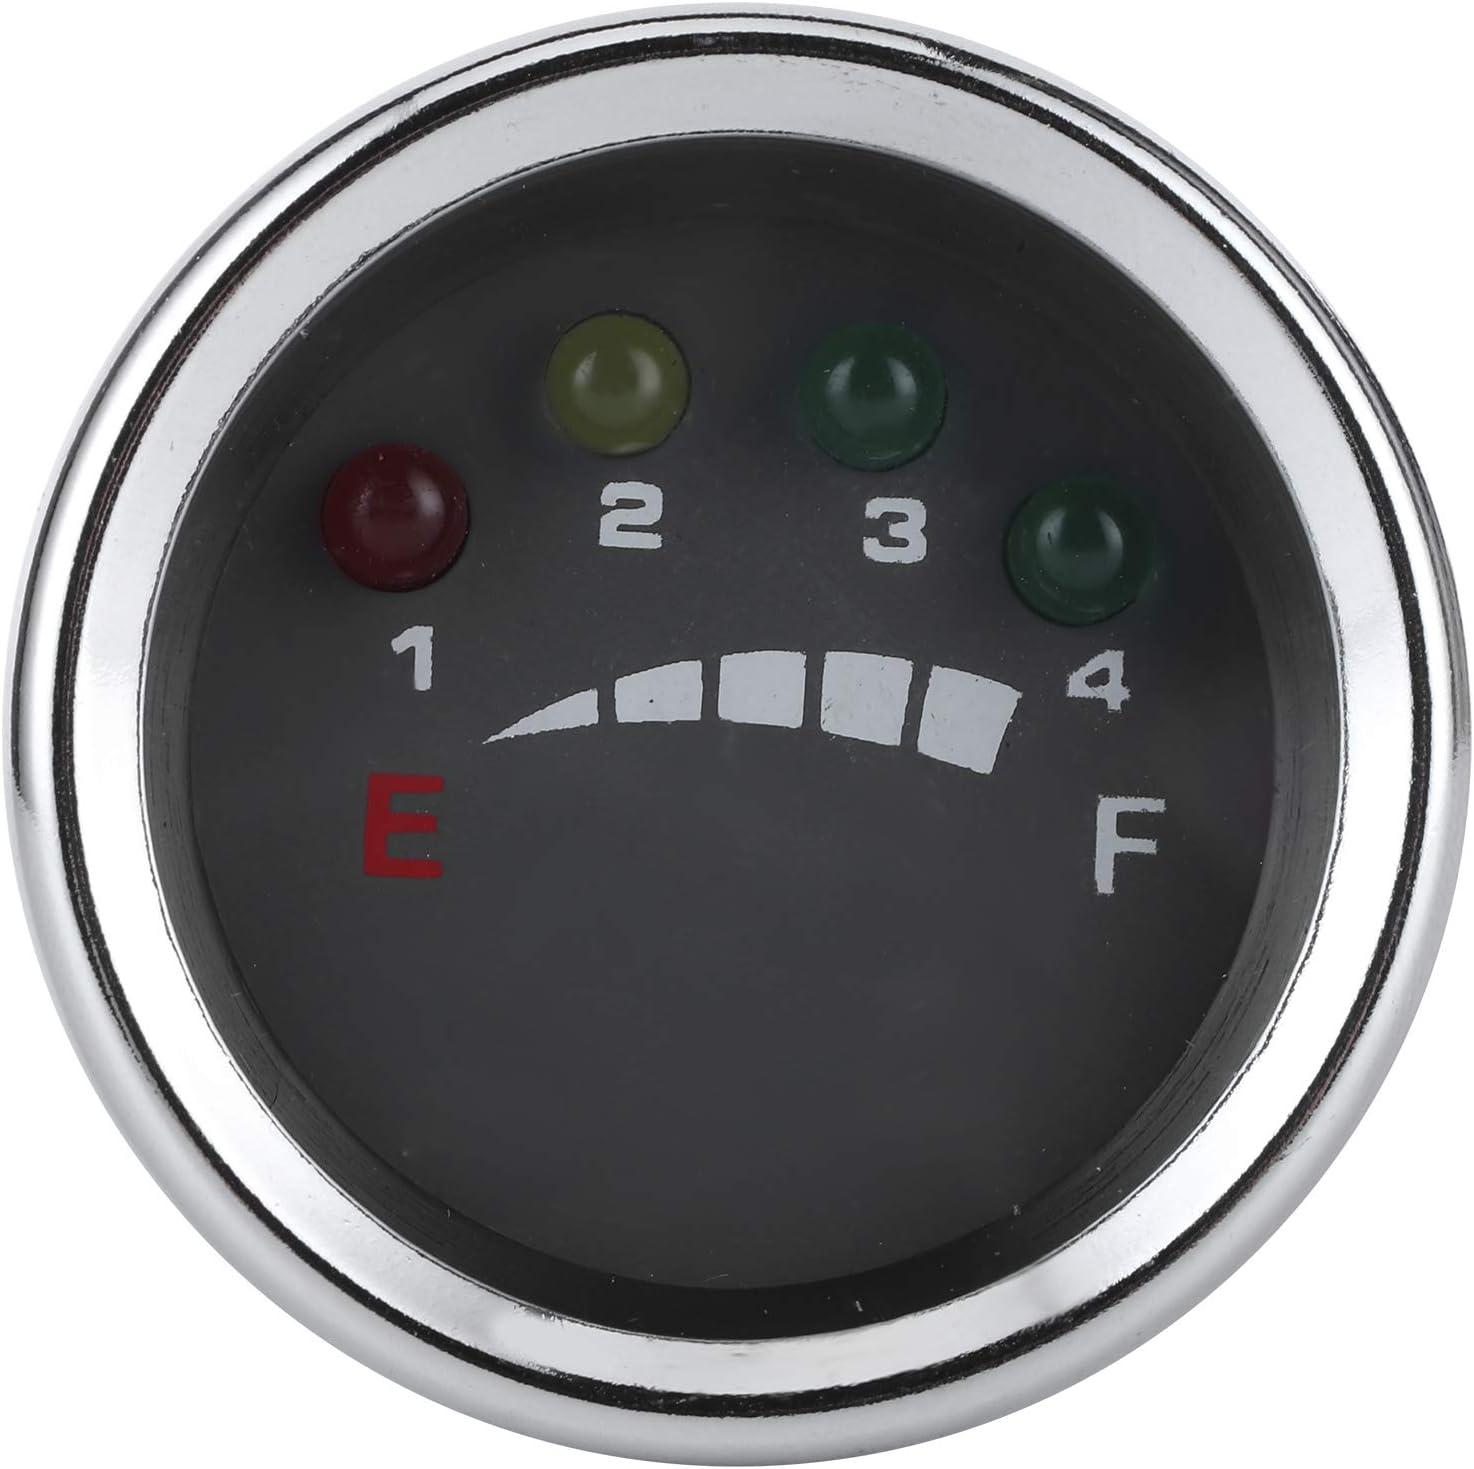 Medidor de batería Qiilu, pantalla indicadora de medidor de batería LED precisa para carretilla elevadora ATV de barco solar eléctrico(24V)